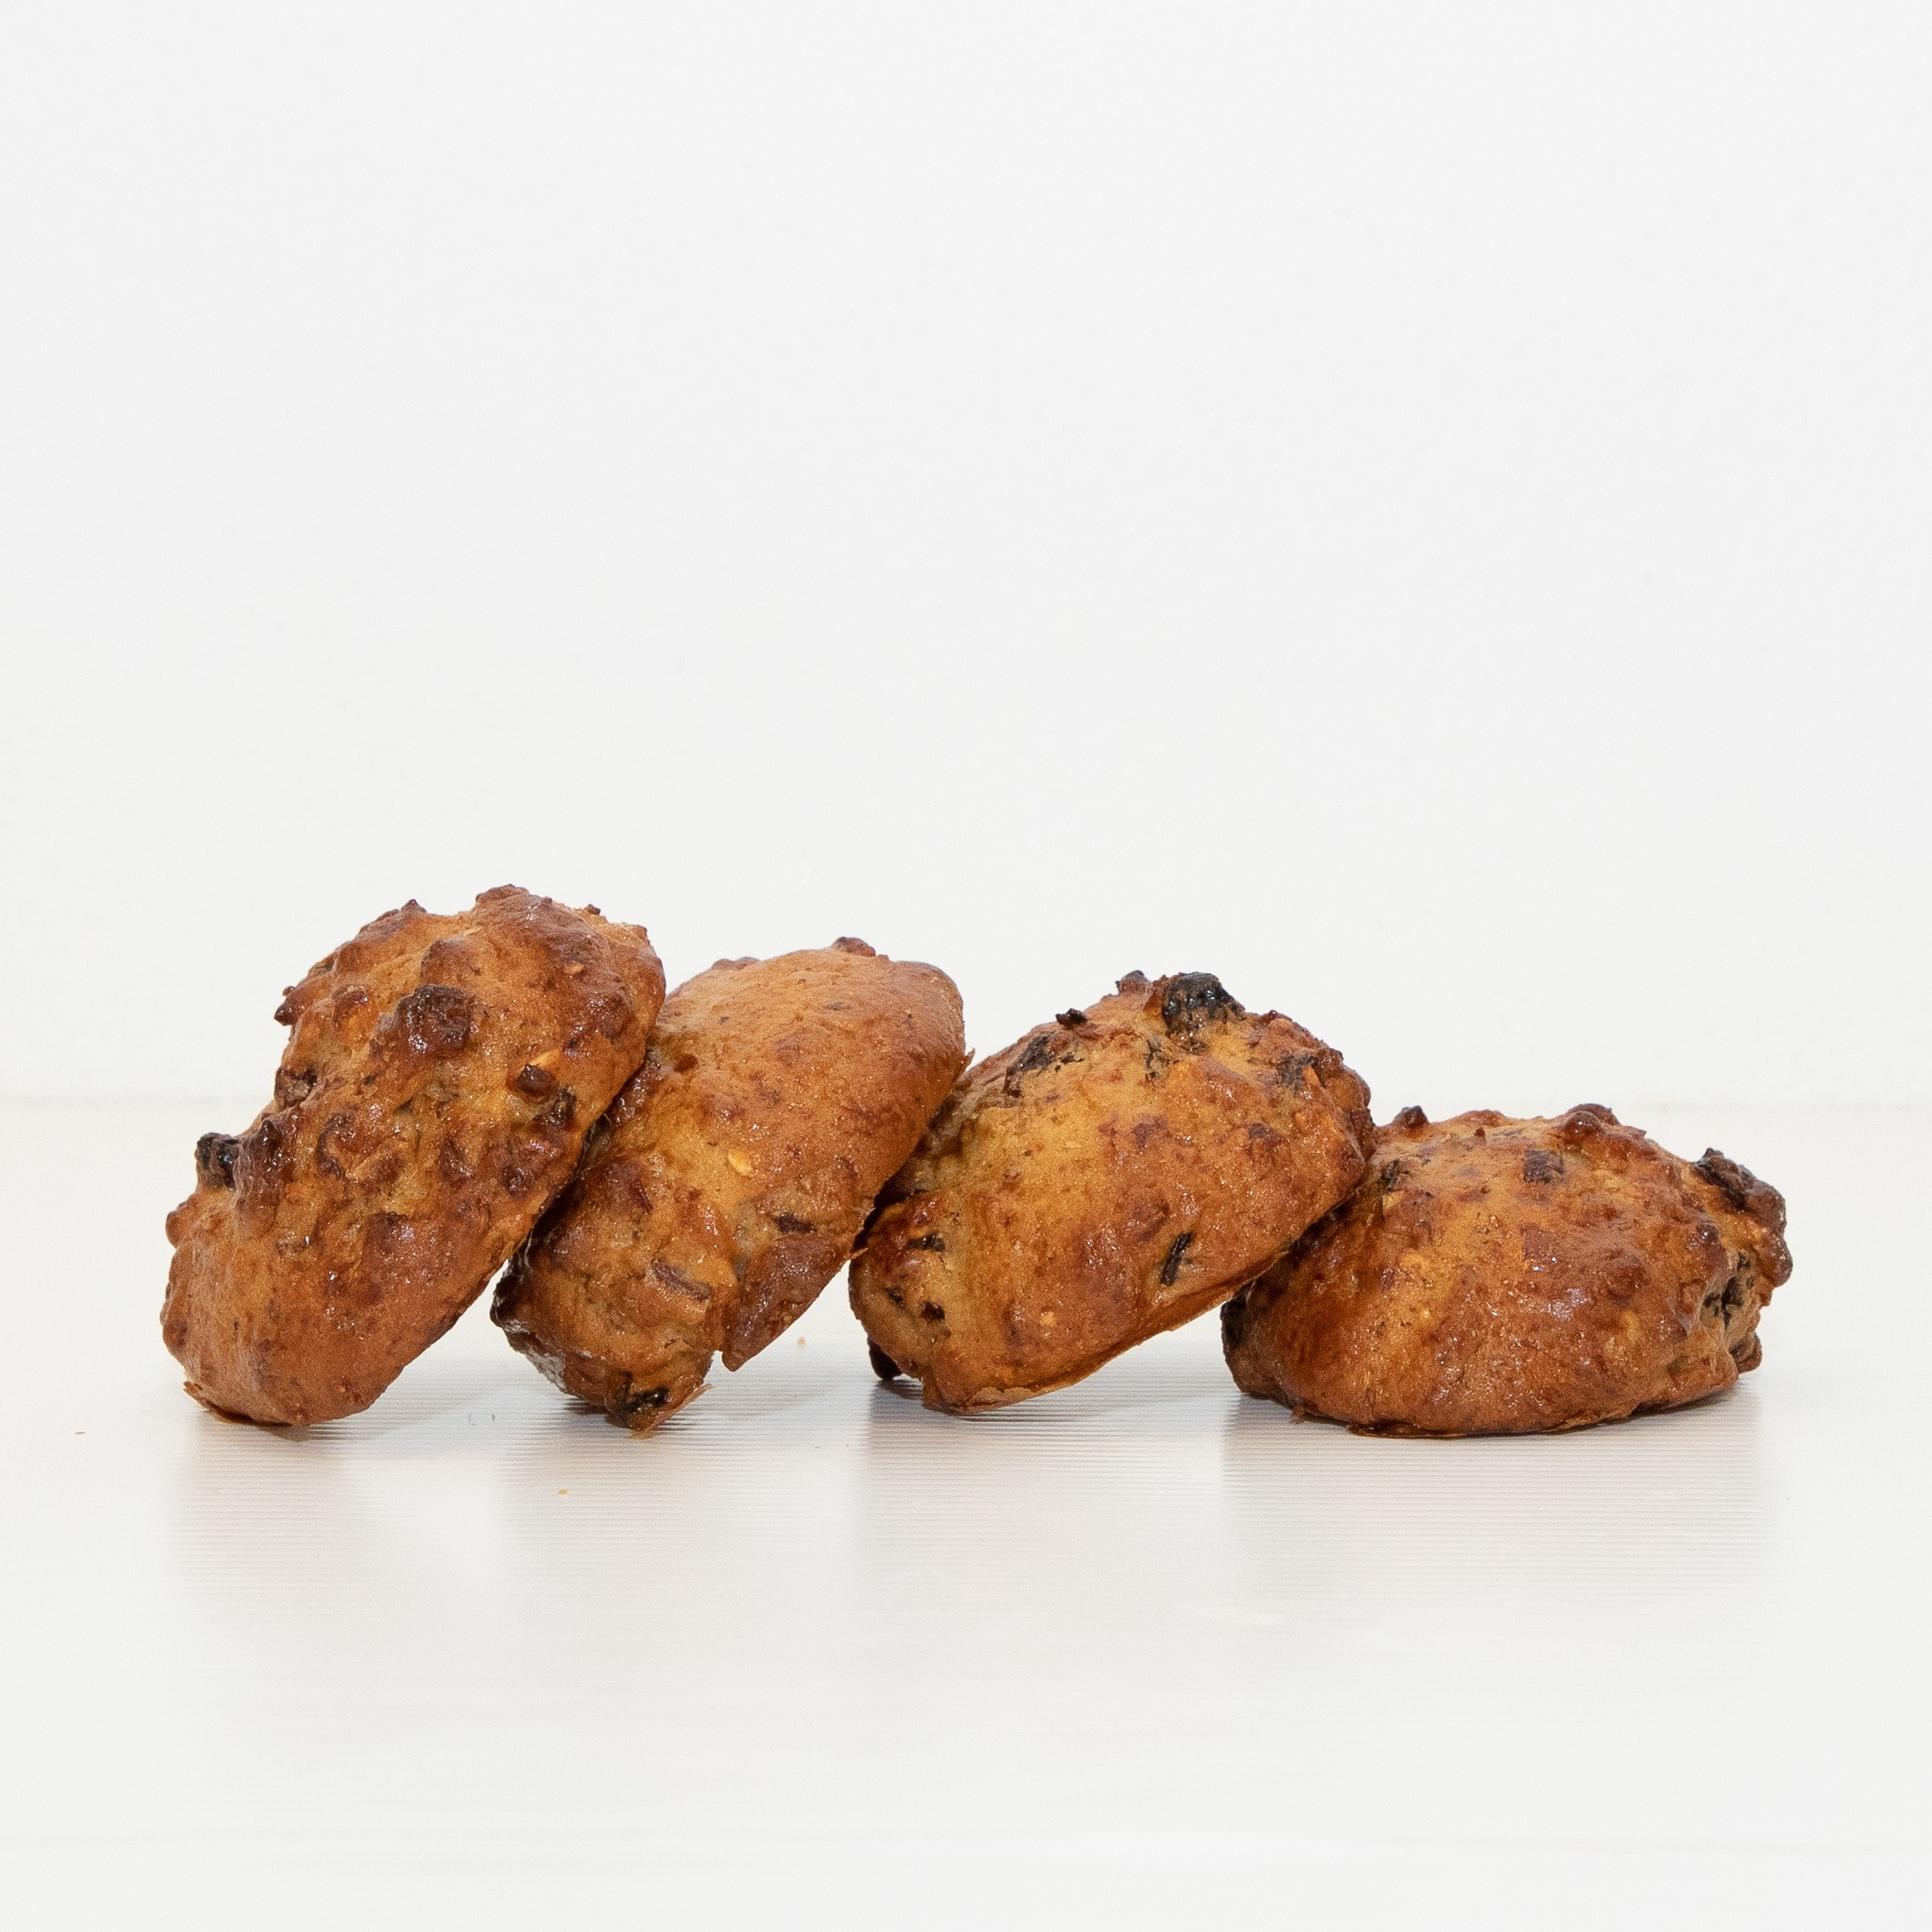 broas-frutos-secos-3-atelier-doce-alfeizerao-doces-conventuais